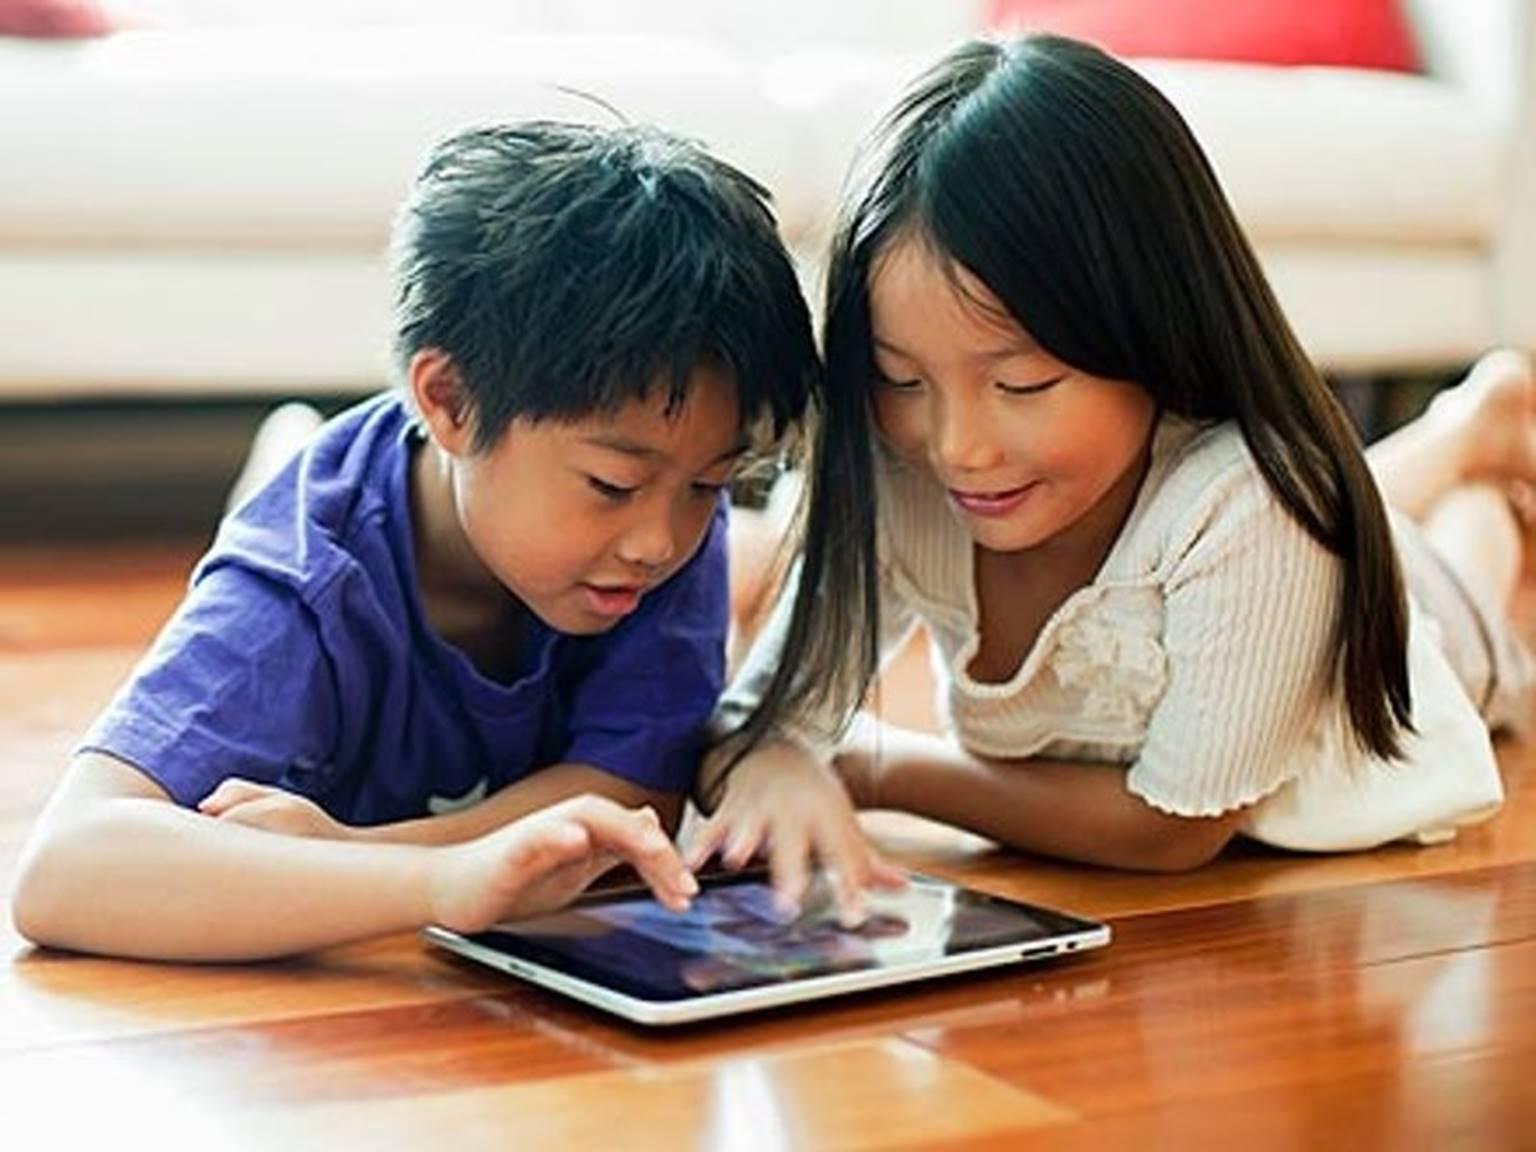 Trẻ suốt ngày dán mắt lên thiết bị thông minh thực ra không xấu như bạn nghĩ-1